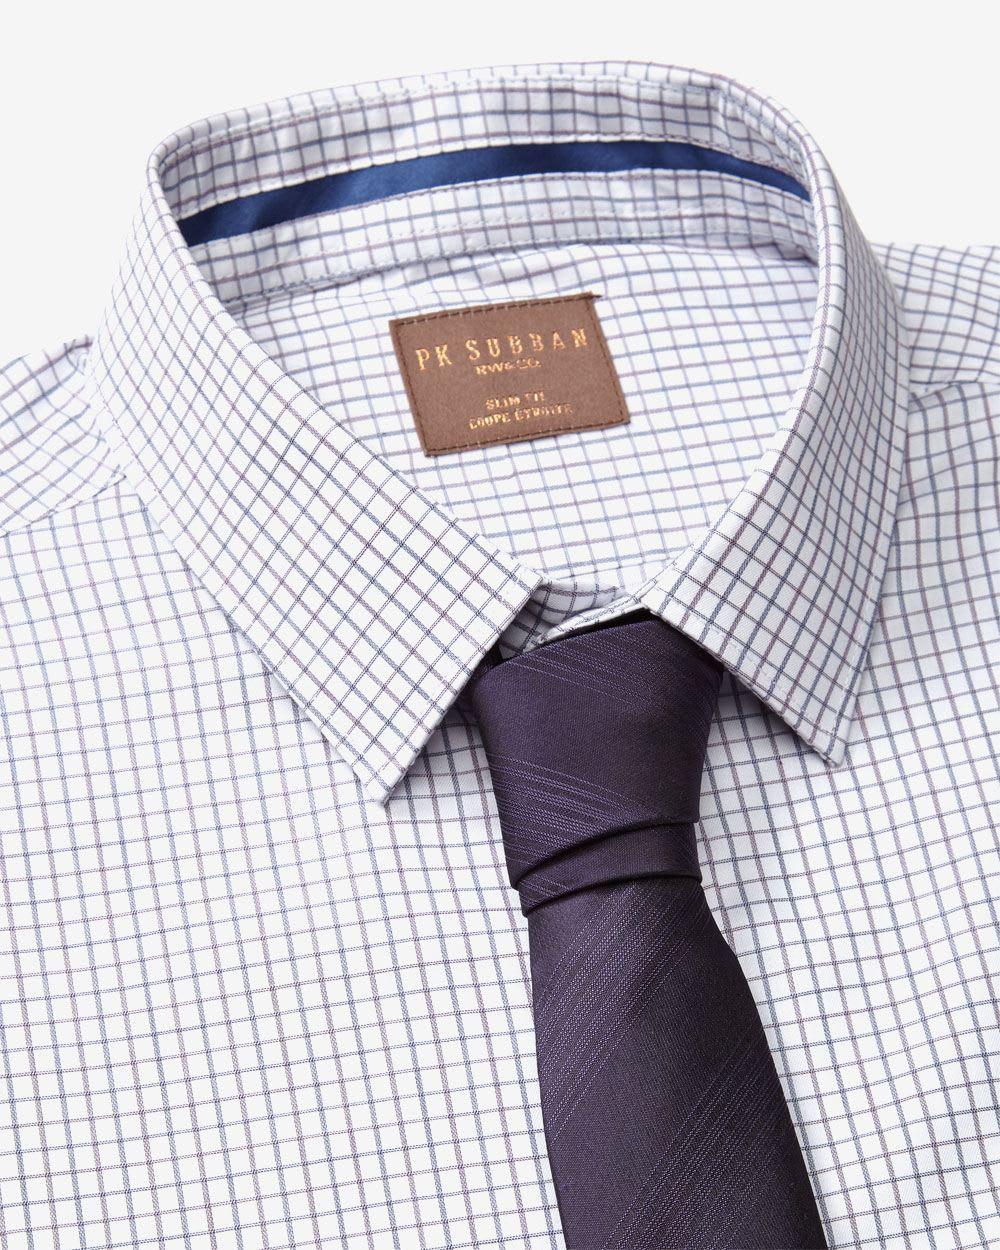 Chemise habill e coupe troite motif micro grille par pk subban rw co - Grille d evaluation d un employe ...